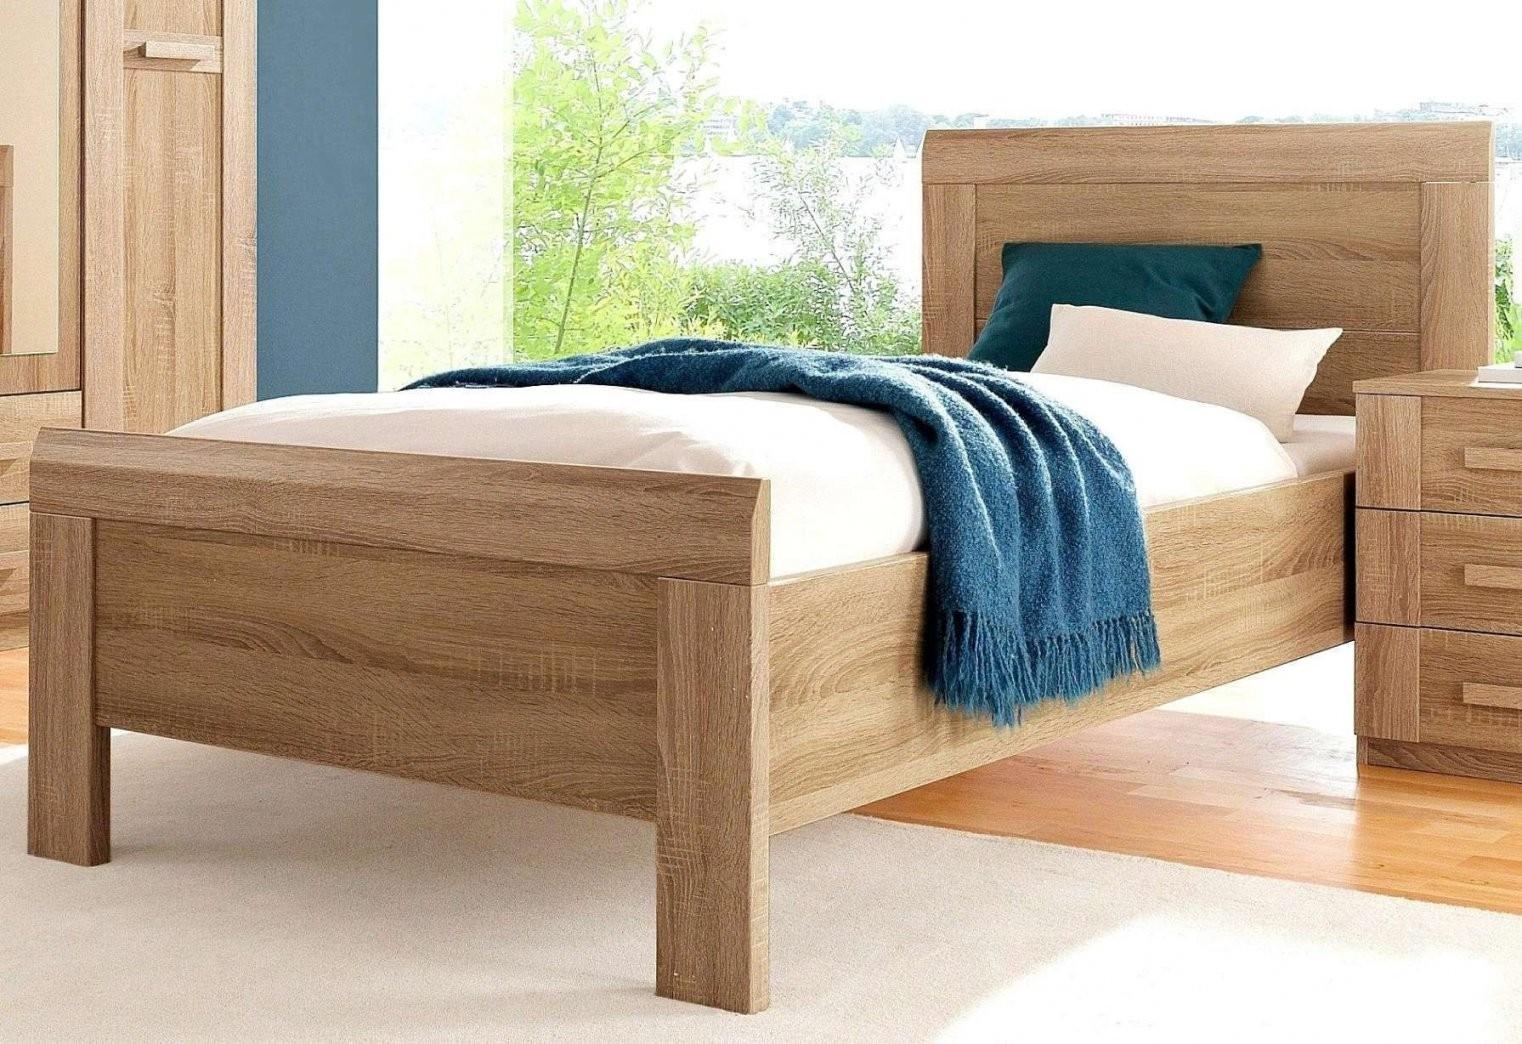 Betten 160 X 200 Beste Bett 160×200 Poco Frisch Bett Weis Holz Und von Bett 160X200 Poco Bild